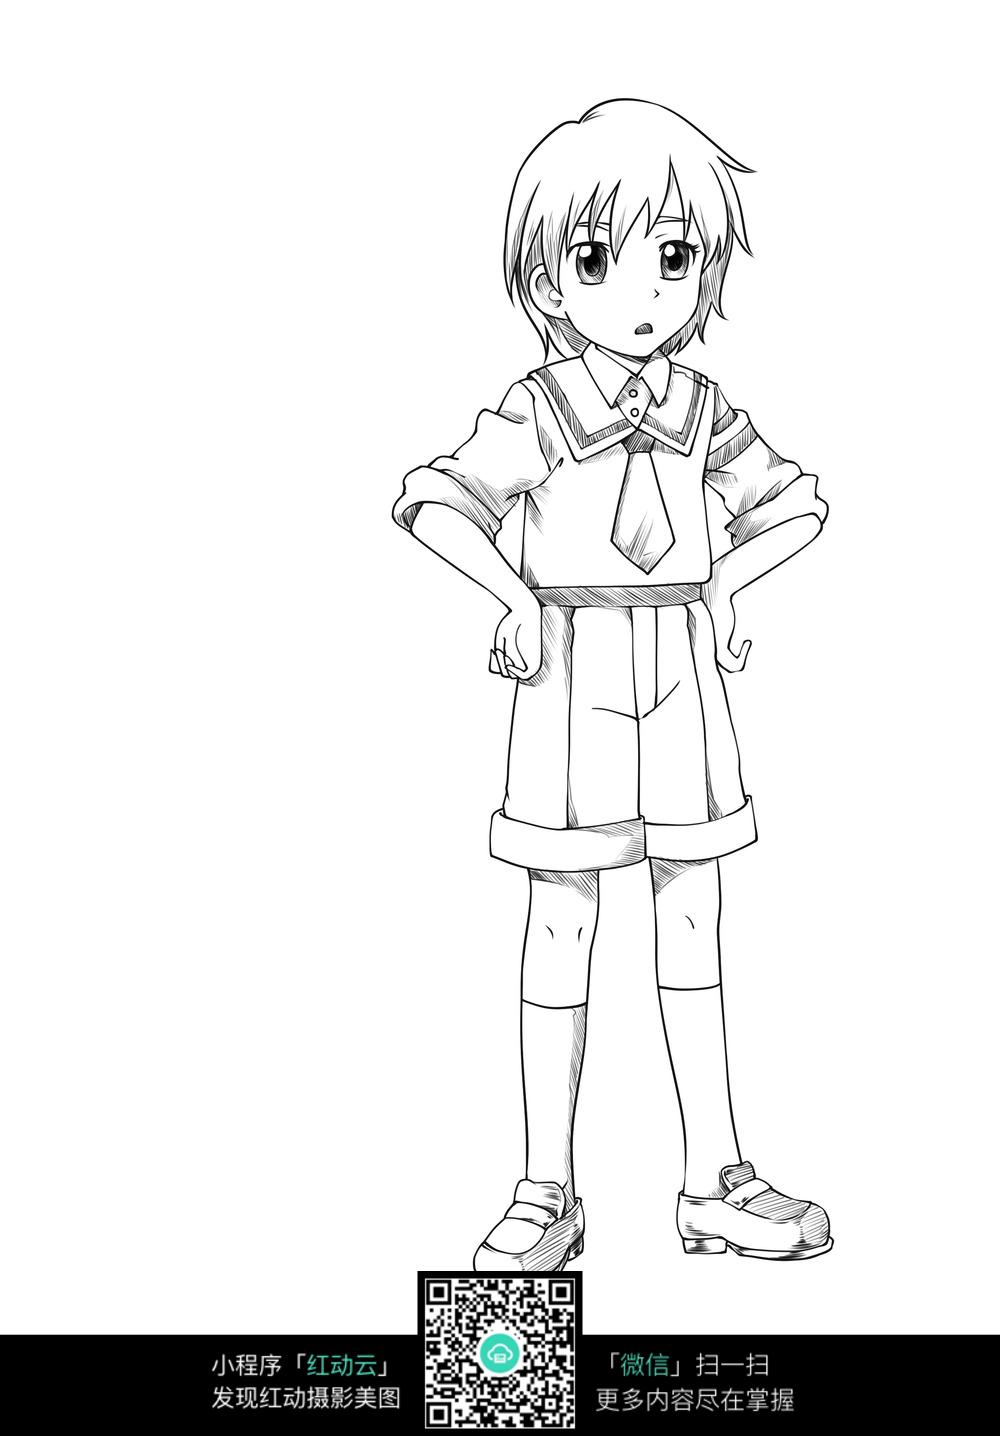 免费素材 图片素材 漫画插画 人物卡通 叉腰男孩线稿  请您分享: 素材